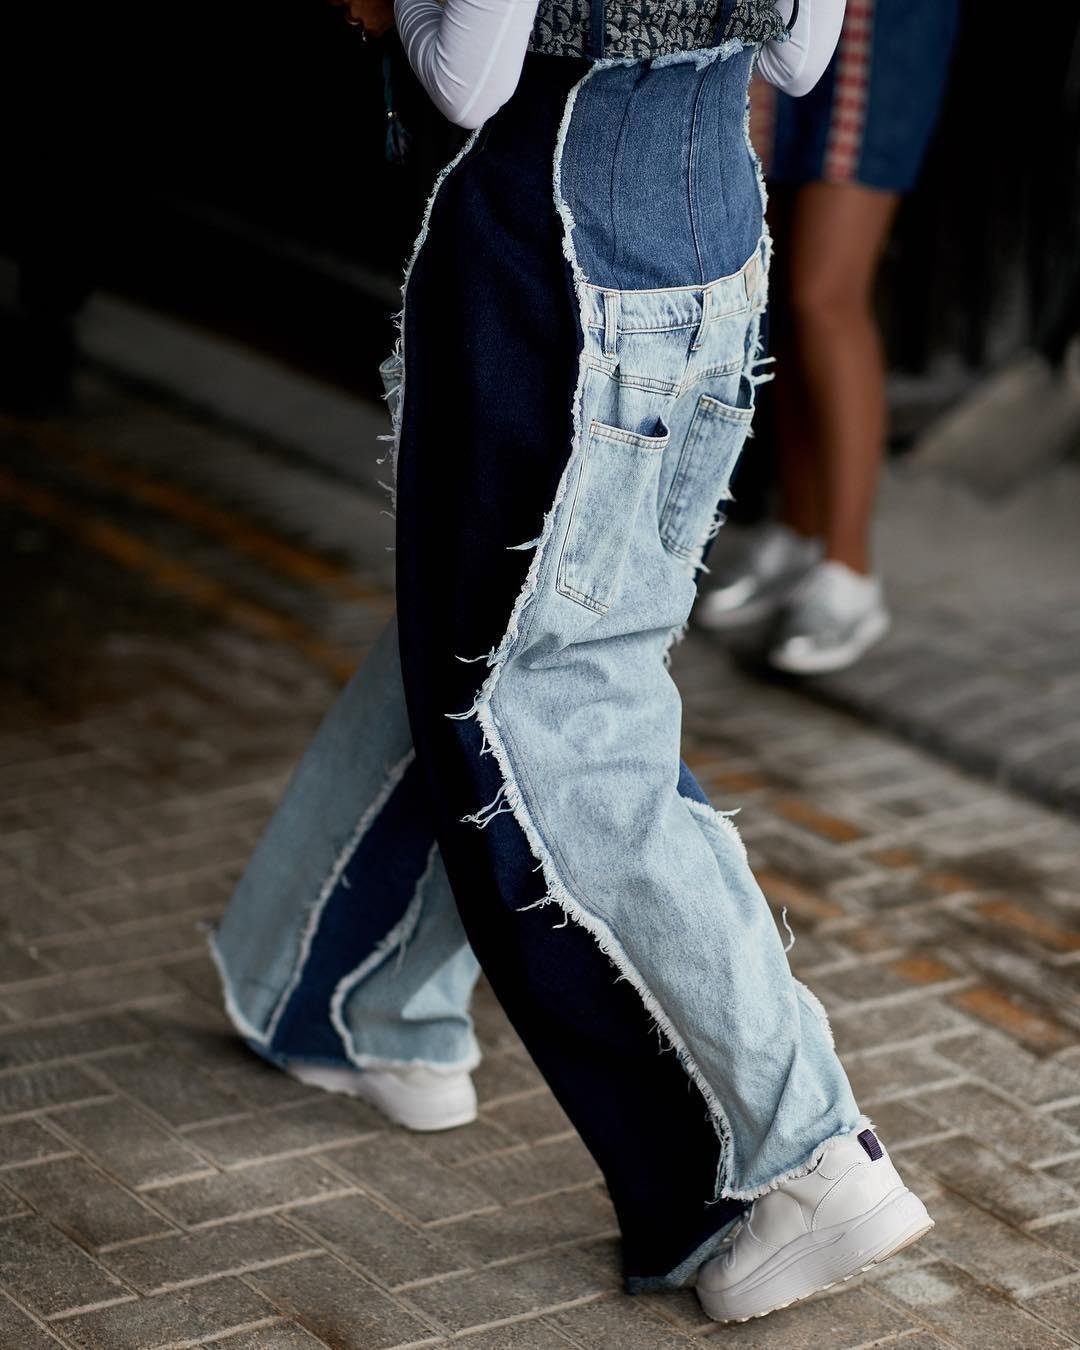 Постоянная переменная: белые кроссовки и с чем их носить